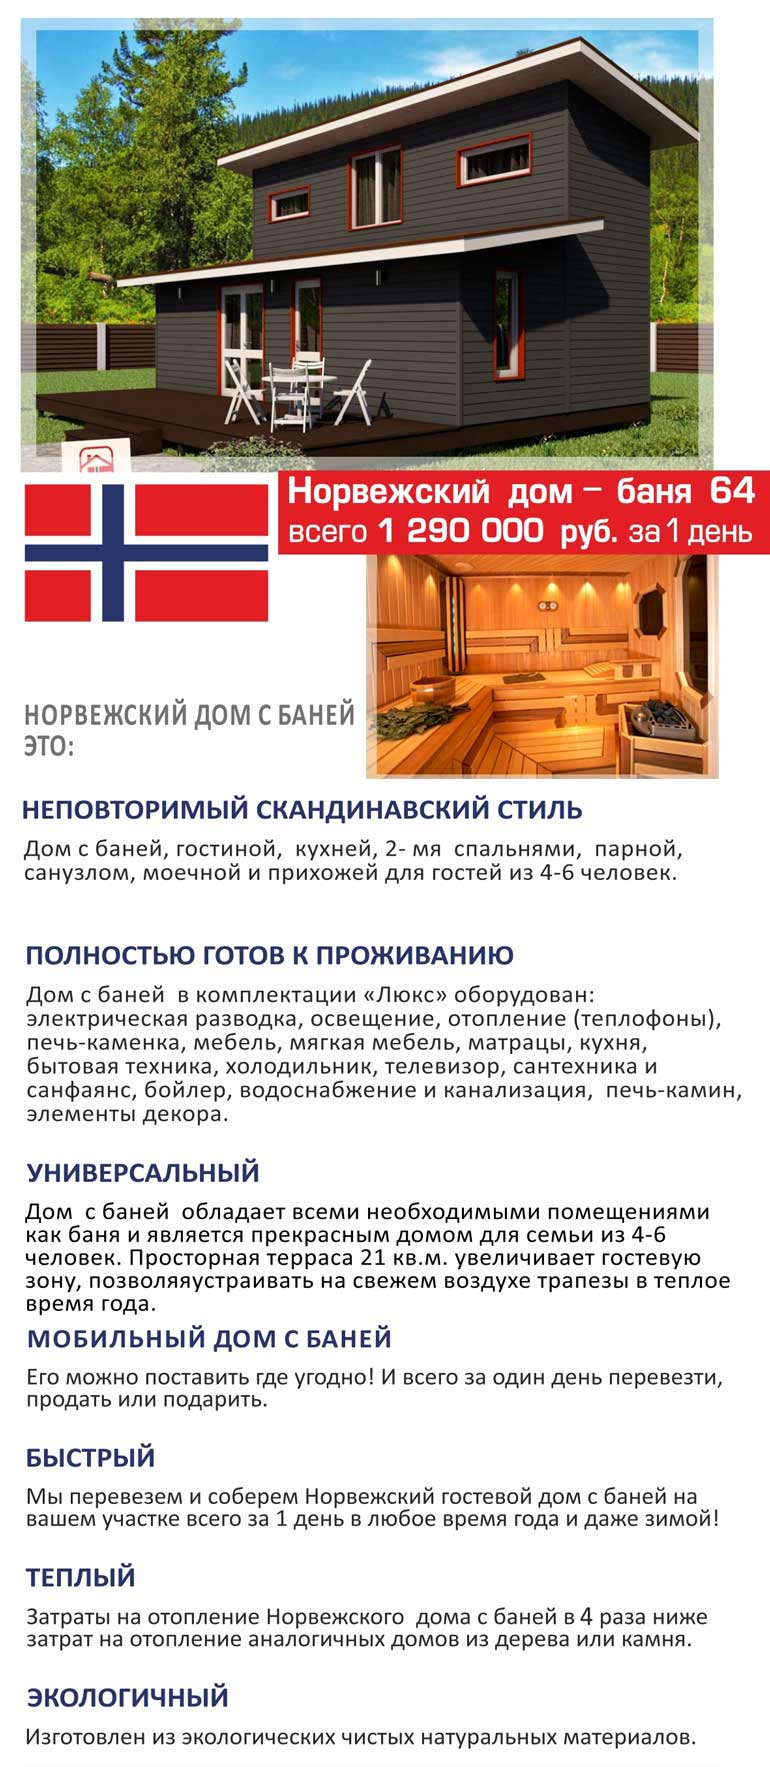 norvezhskiy-dom-banya-64-modum-za-1-den